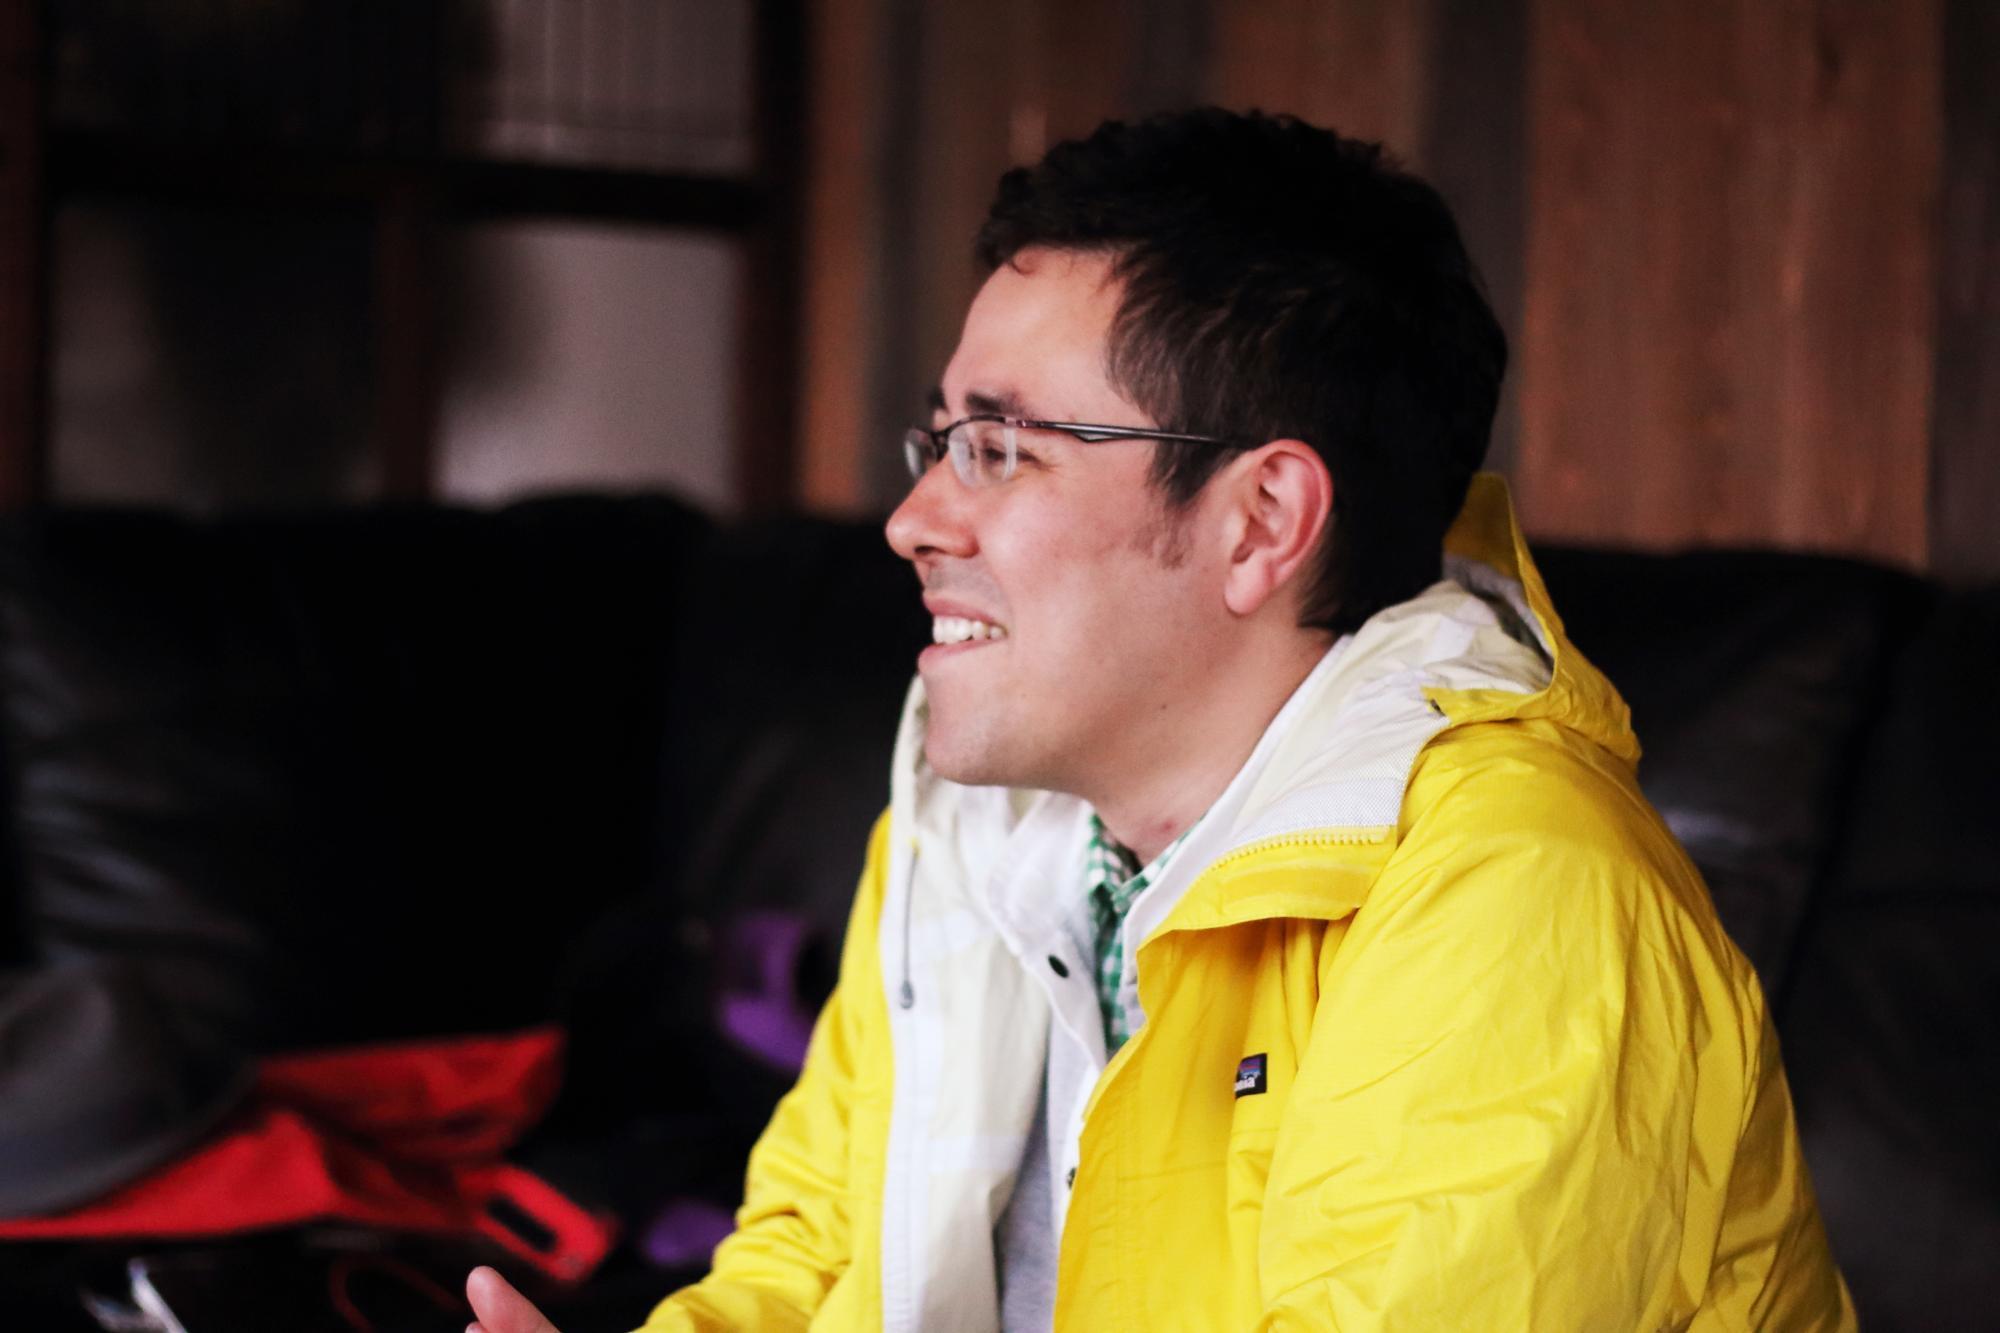 せんきょCAMP言い出しっぺのひとりである鈴木菜央(greenz.jp編集長)